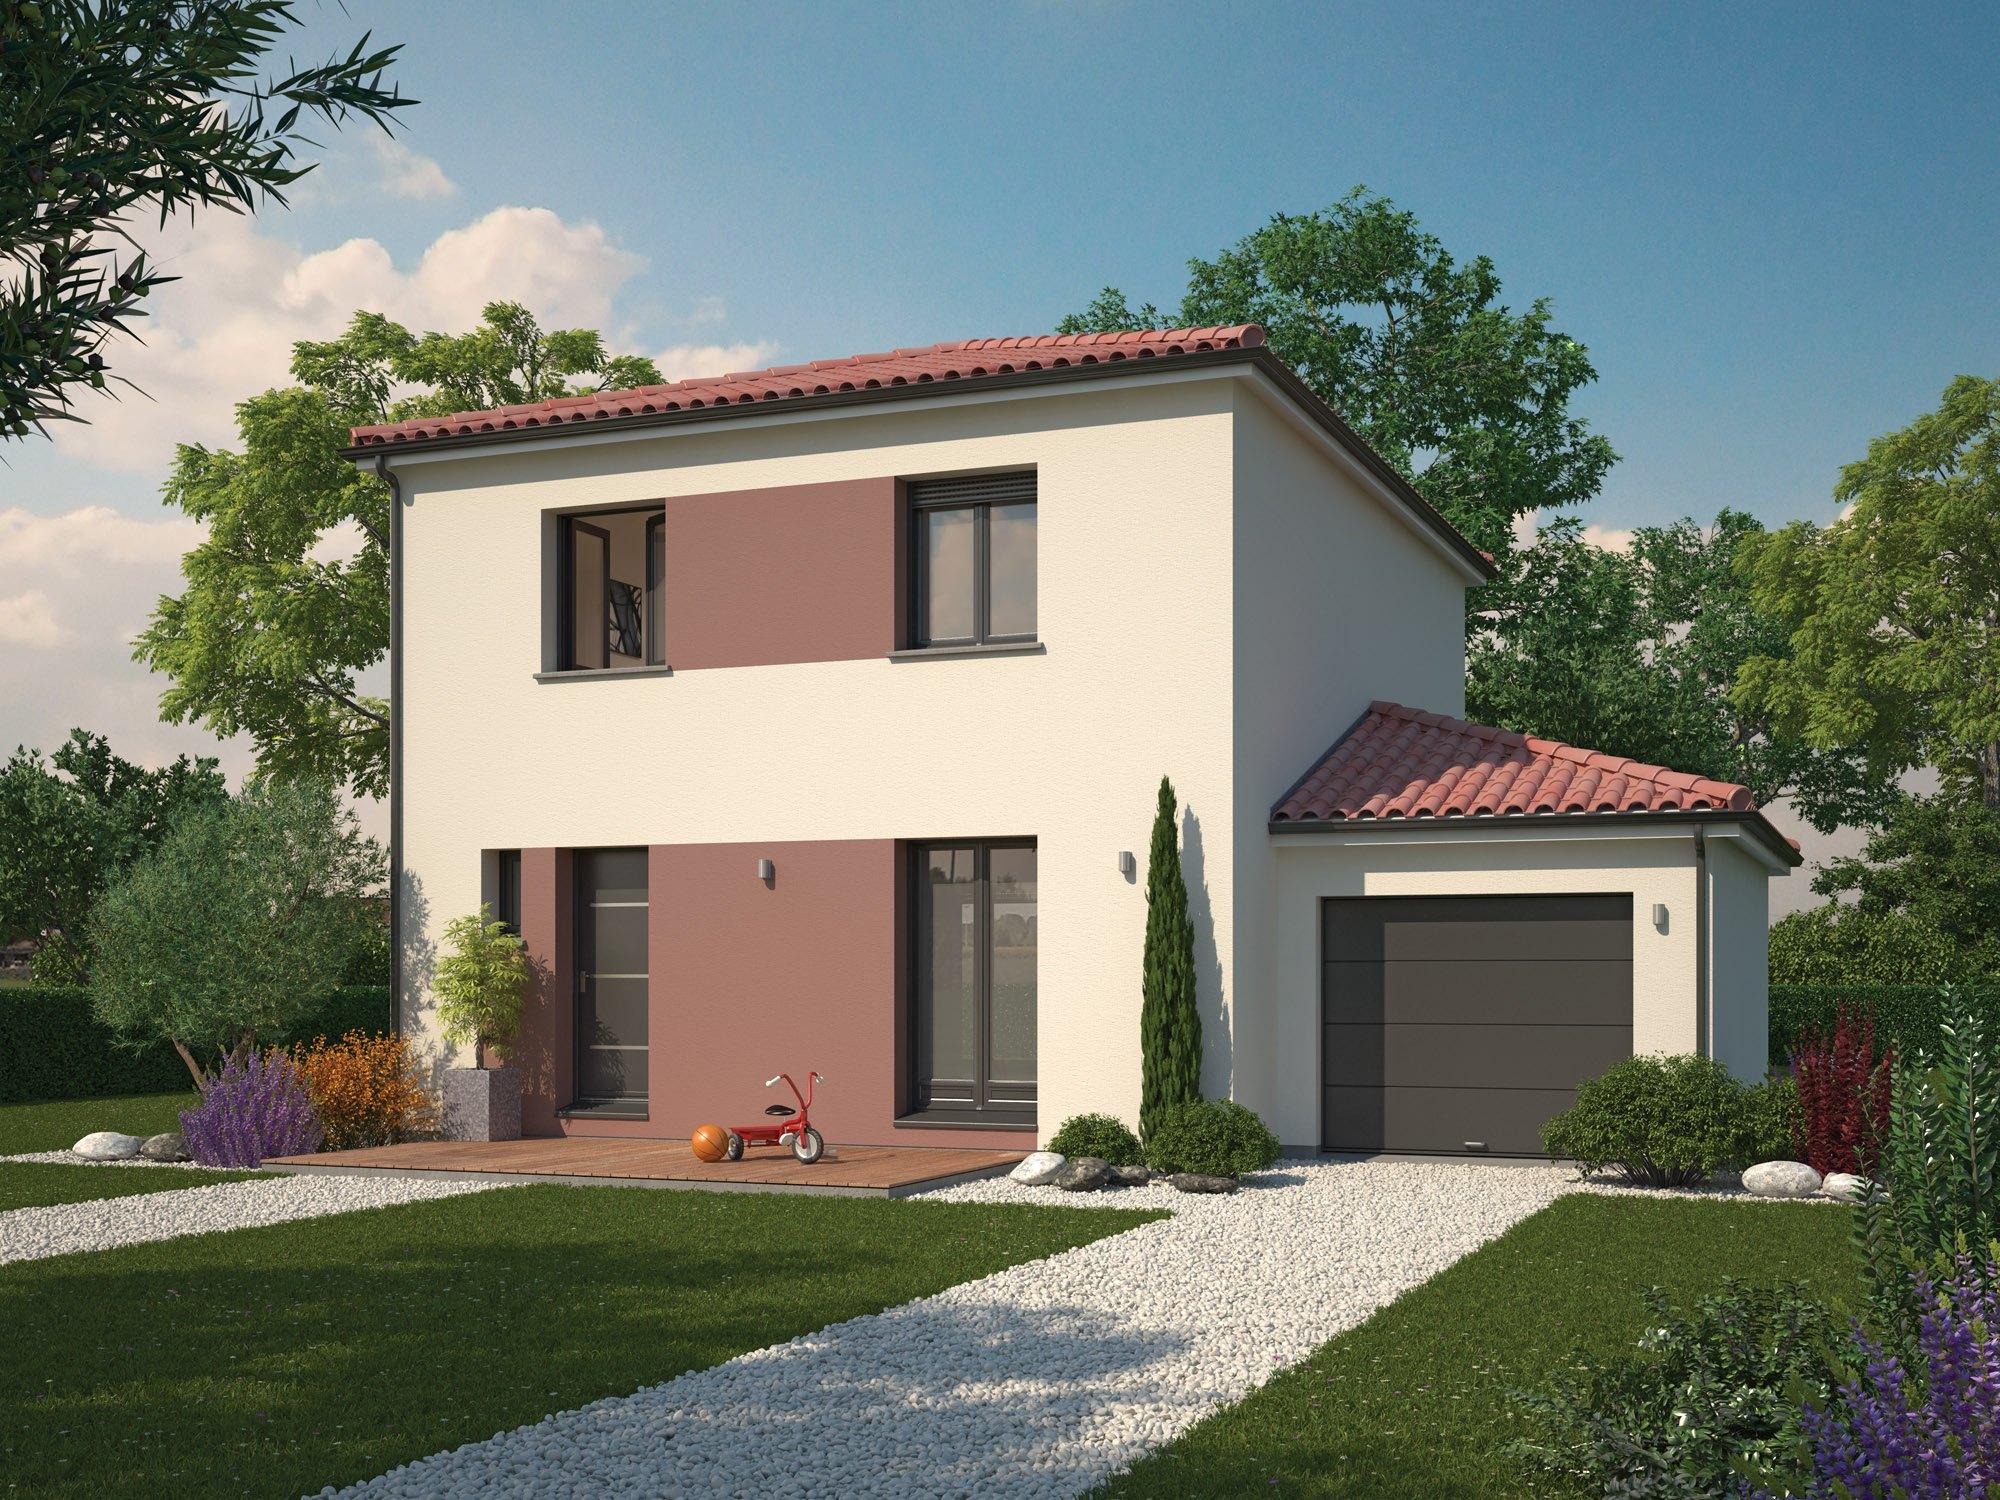 Maisons + Terrains du constructeur MAISON FAMILIALE • 97 m² • MIONS